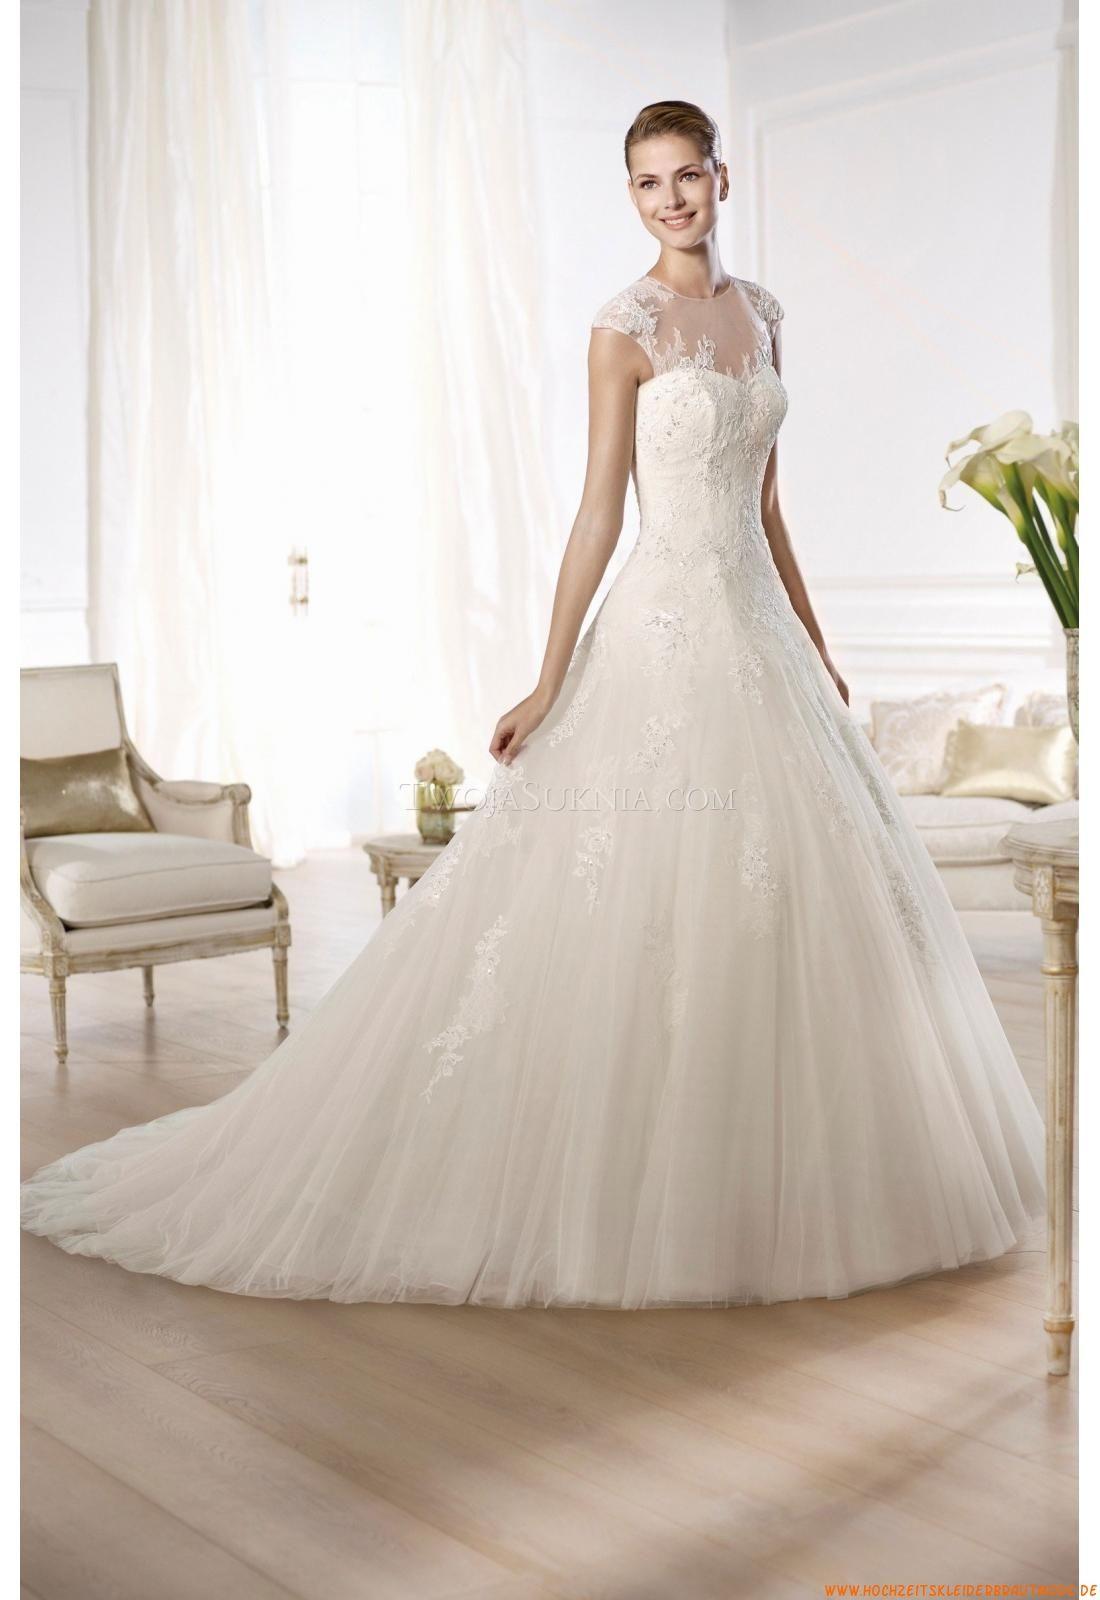 Niedlich Brautjunferkleider Nordirland Fotos - Hochzeit Kleid Stile ...